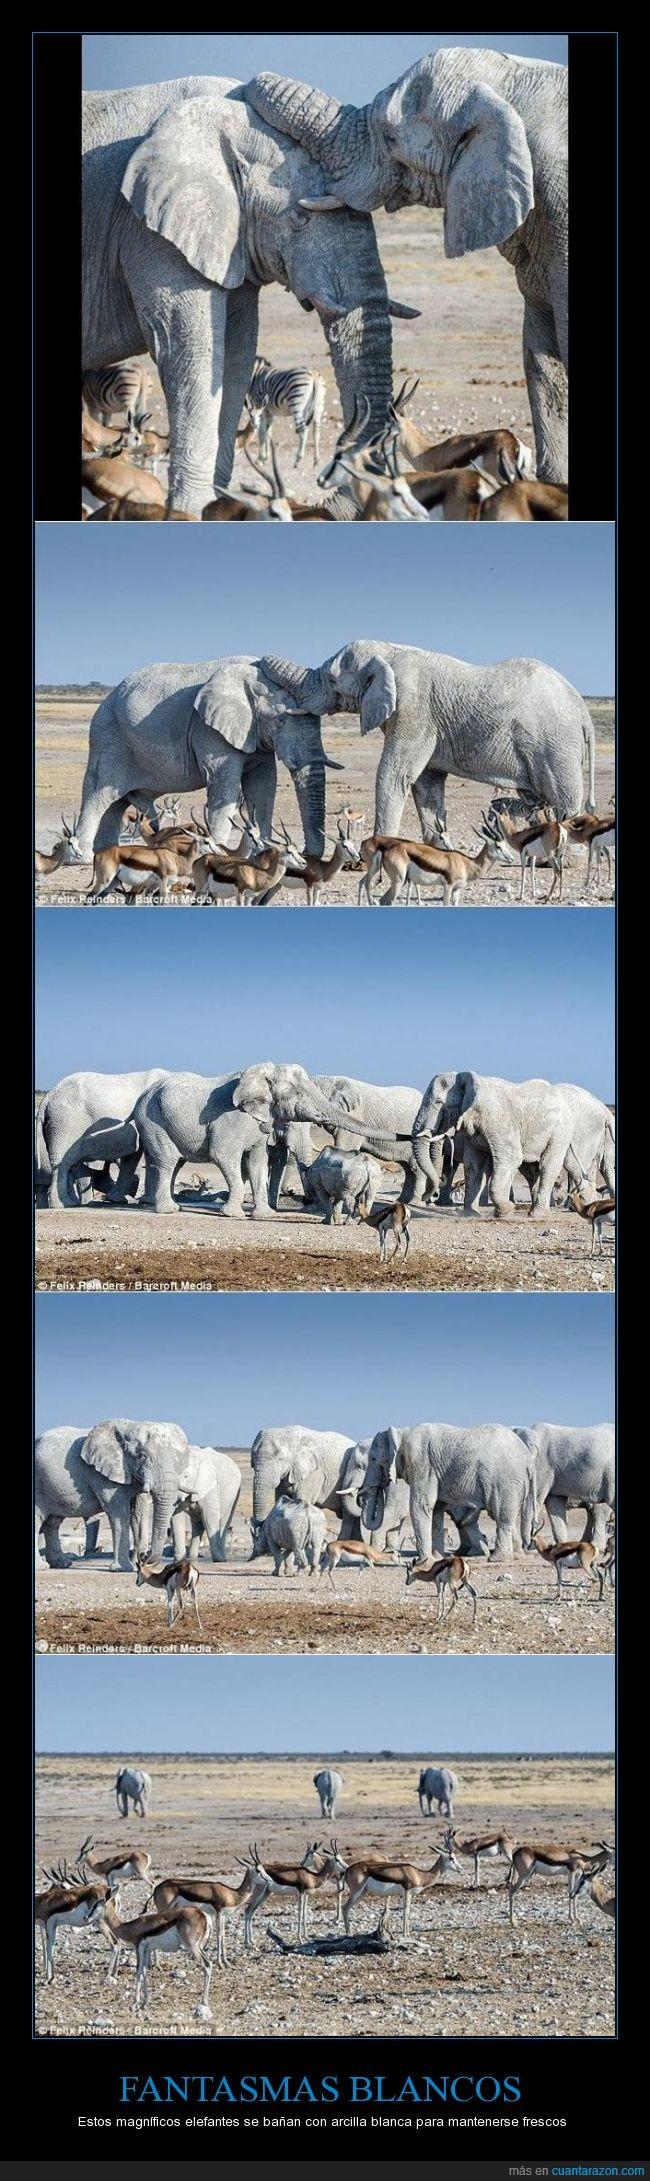 'fantasmas blancos',bañarse,calor,elefantes,Felix Reinders,frescos,mezcla de arcilla blanca y arena de calcita,Namibia,Parque Nacional de Etosha,'pintados' de blanco